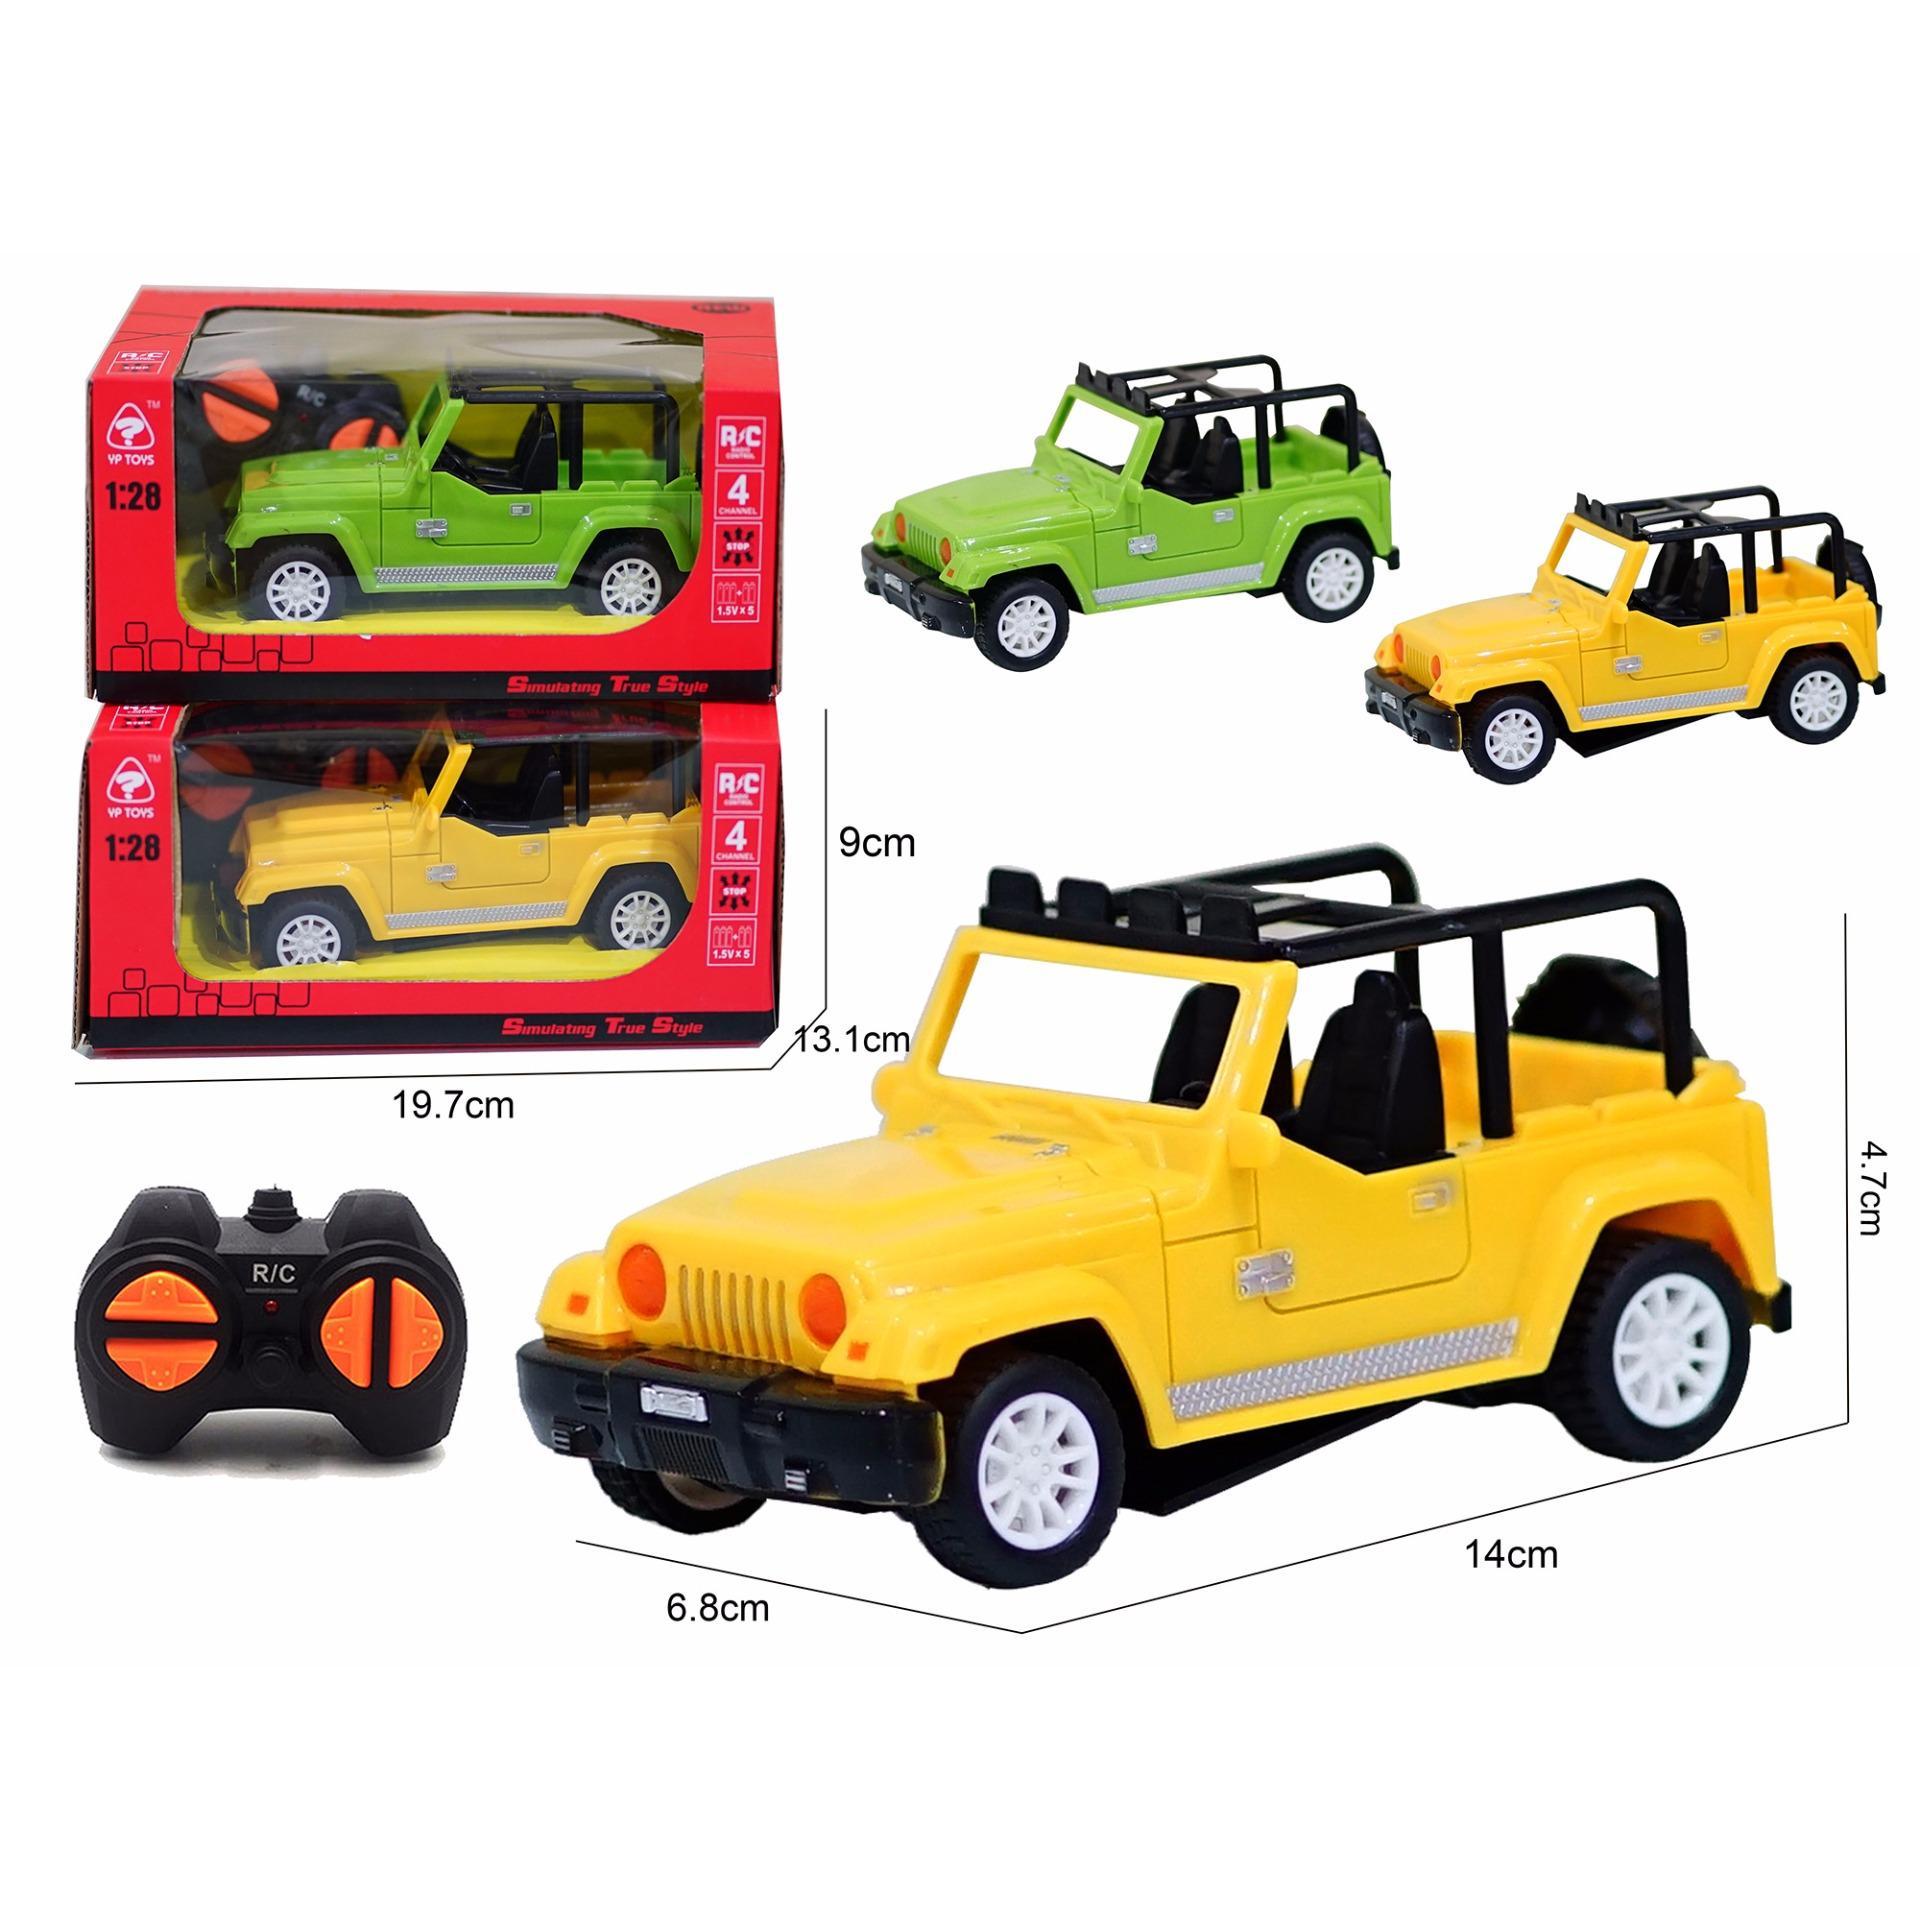 TM Mainan Anak RC Mobil Remot Mini Jeep 6138C 1:28 (Warna Random)